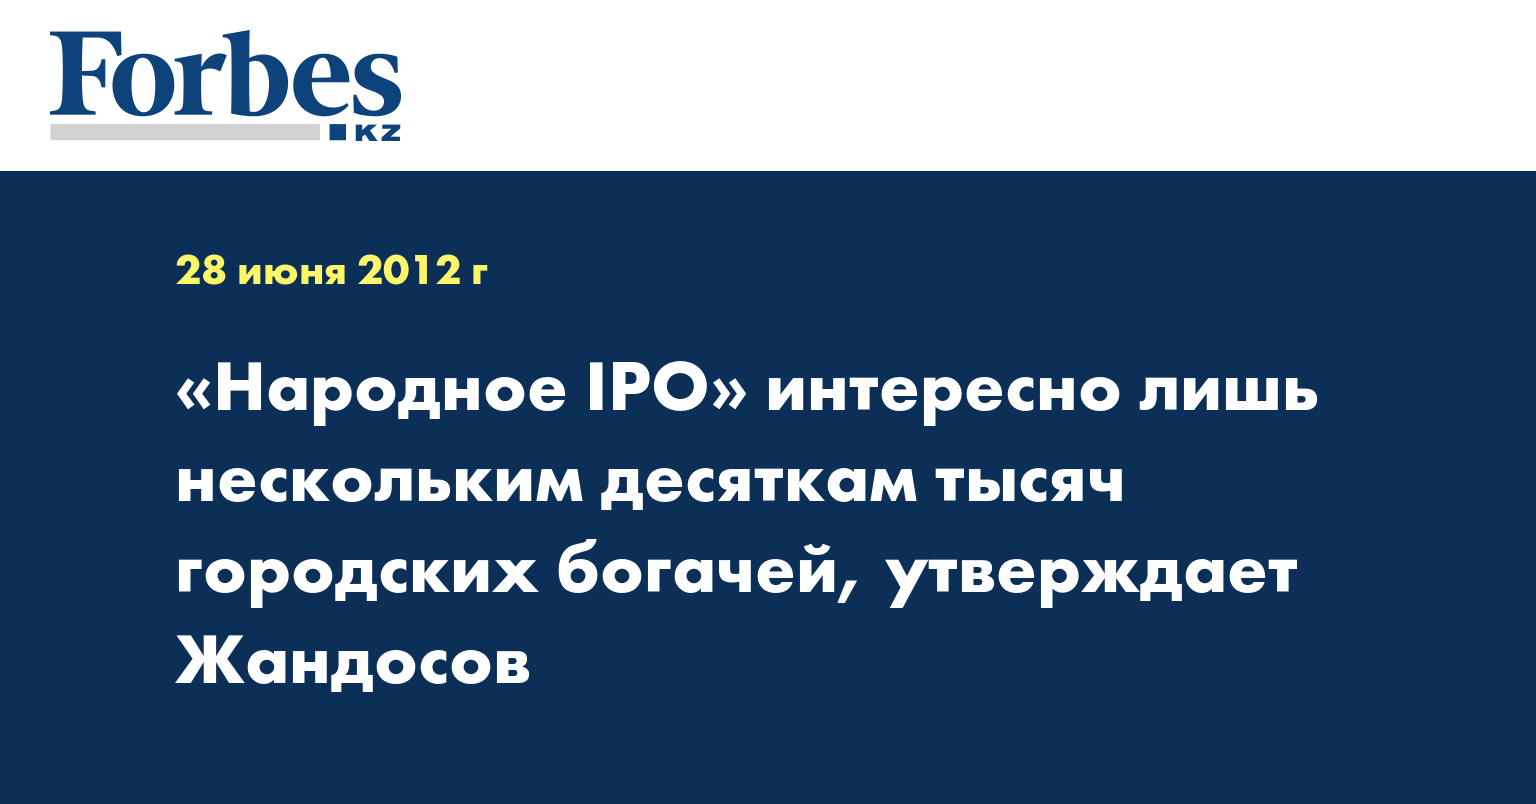 «Народное IPO» интересно лишь нескольким десяткам тысяч городских богачей, утверждает Жандосов